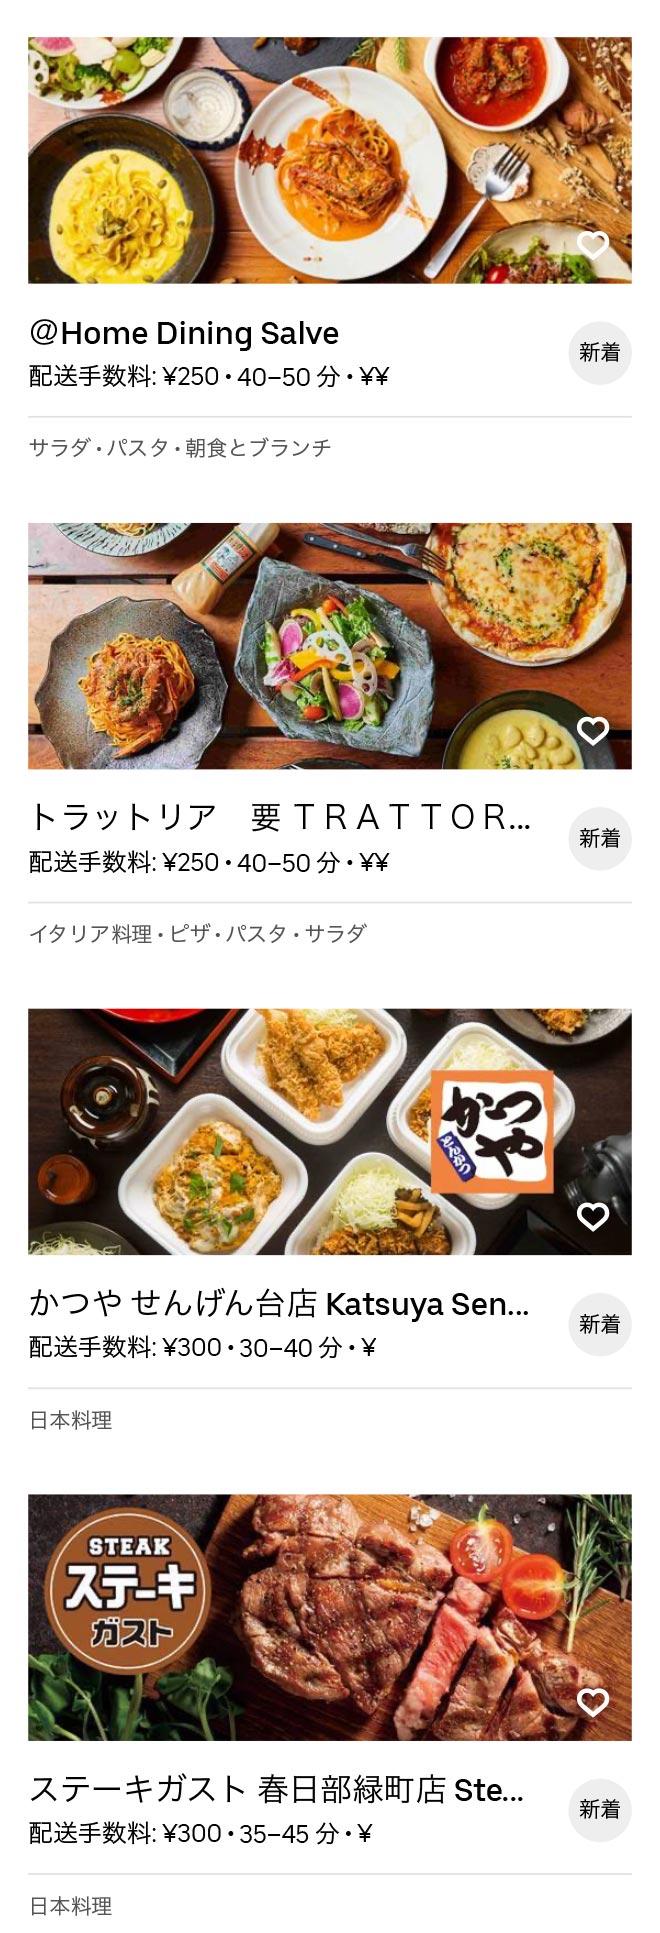 Takesato menu 2009 03